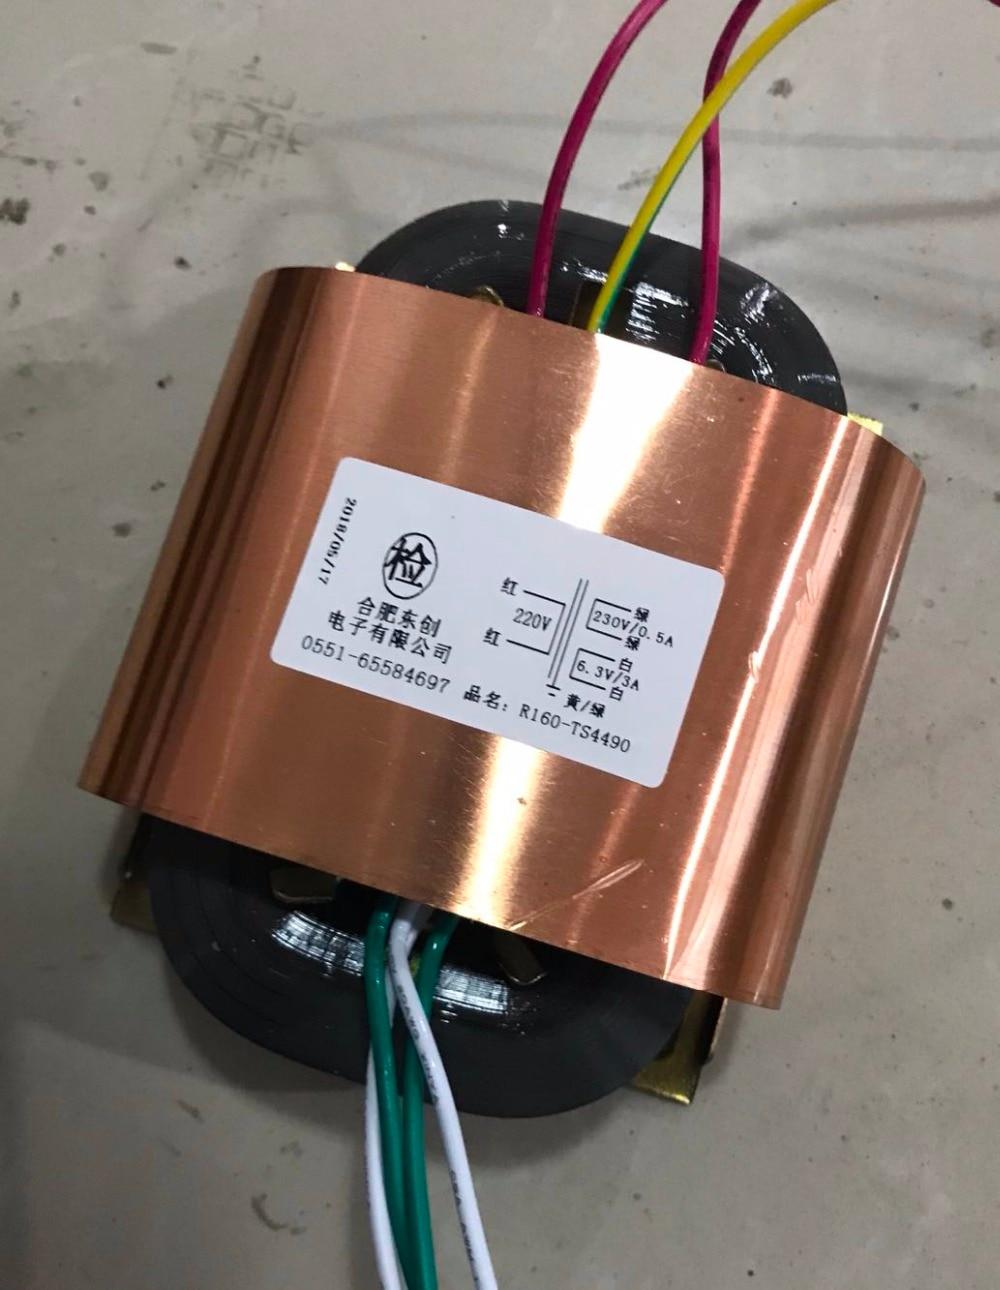 230V 0.5A 6.3V 3A R Core Transformer 135VA R160 custom transformer 220V copper shield Power amplifier цены онлайн